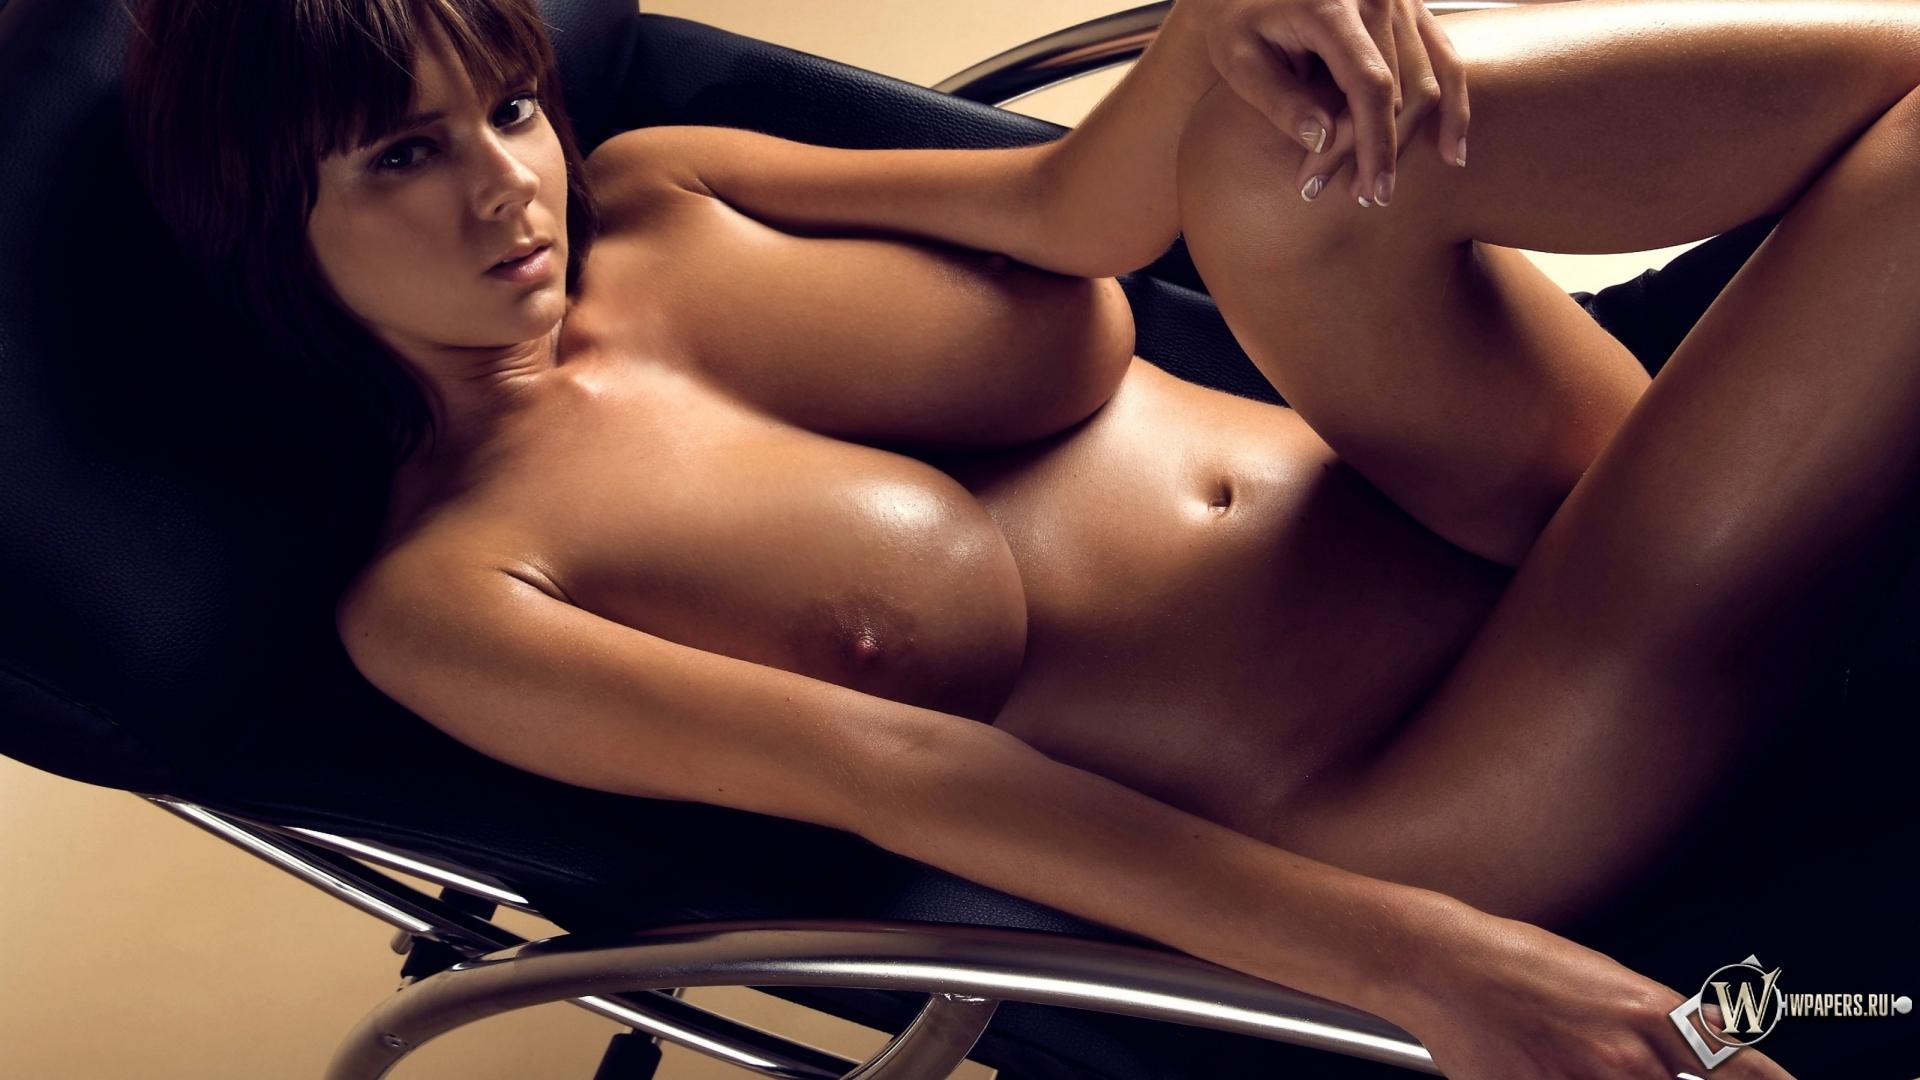 голые пышные красивые девушки фото hd в хорошем качестве